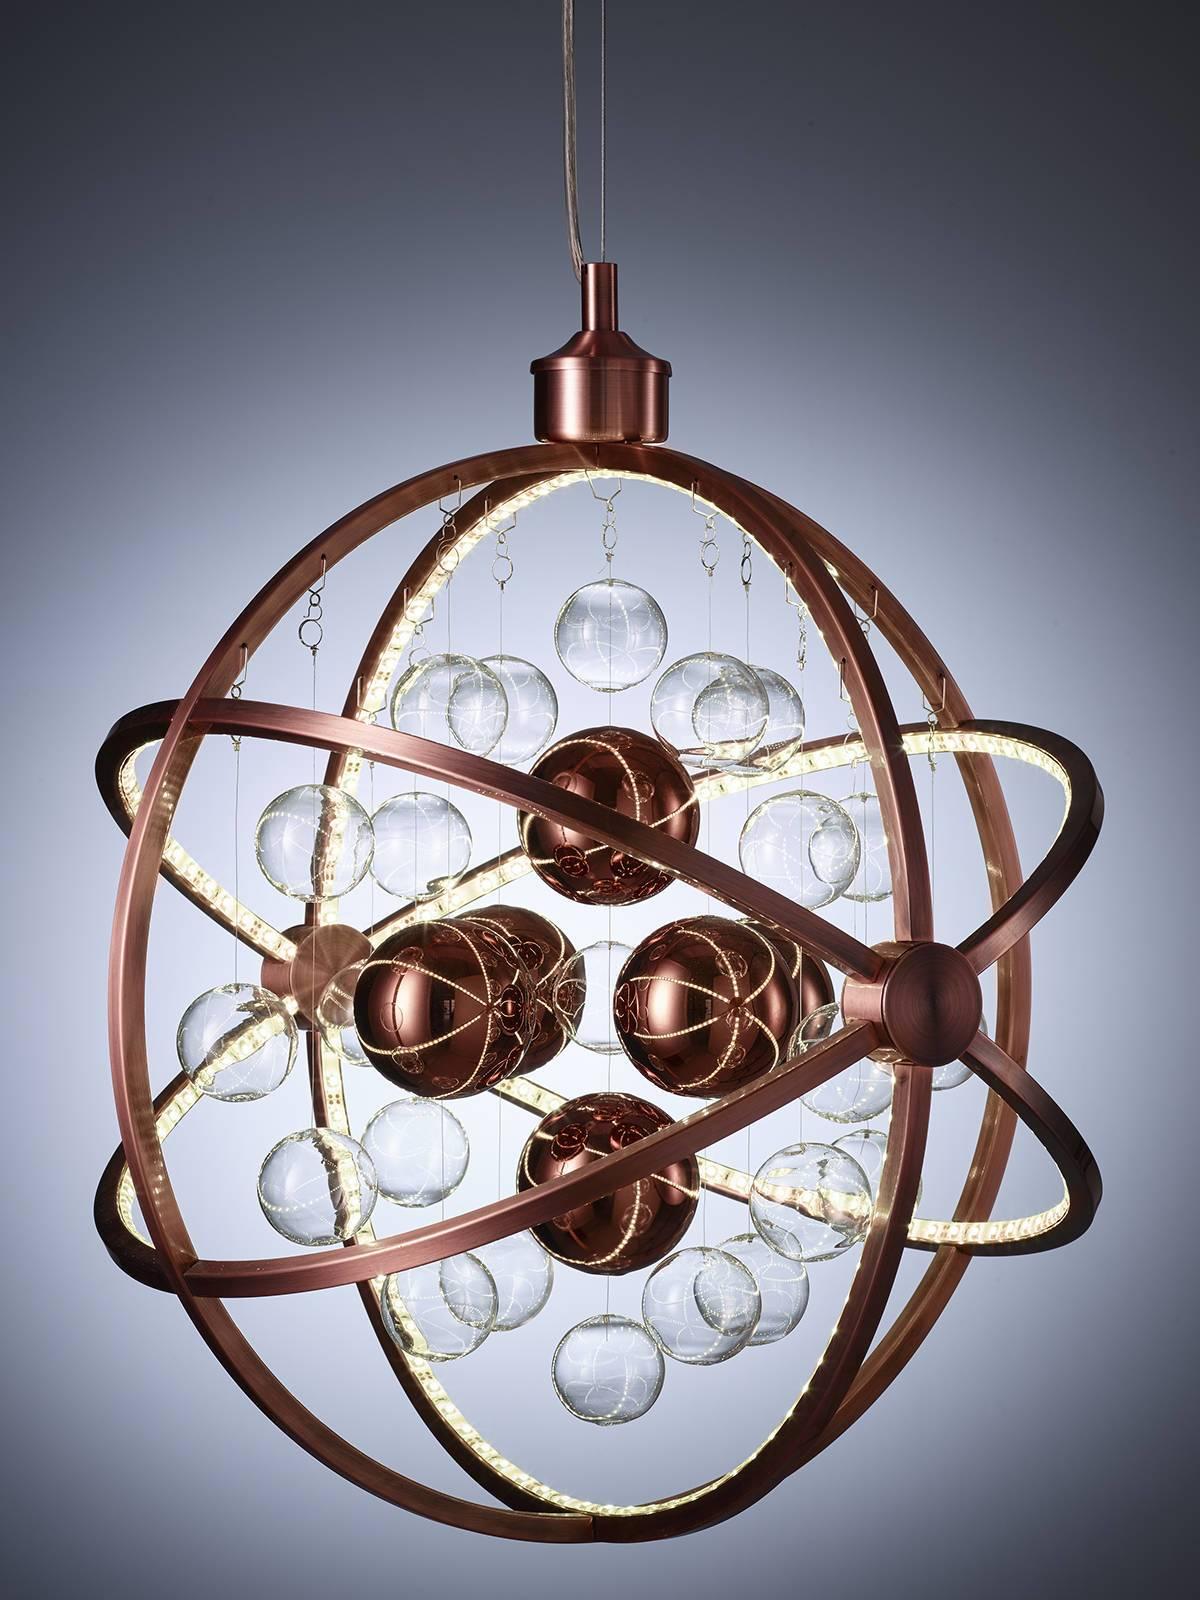 en lampe der elegant spreder og gen spiller lyset